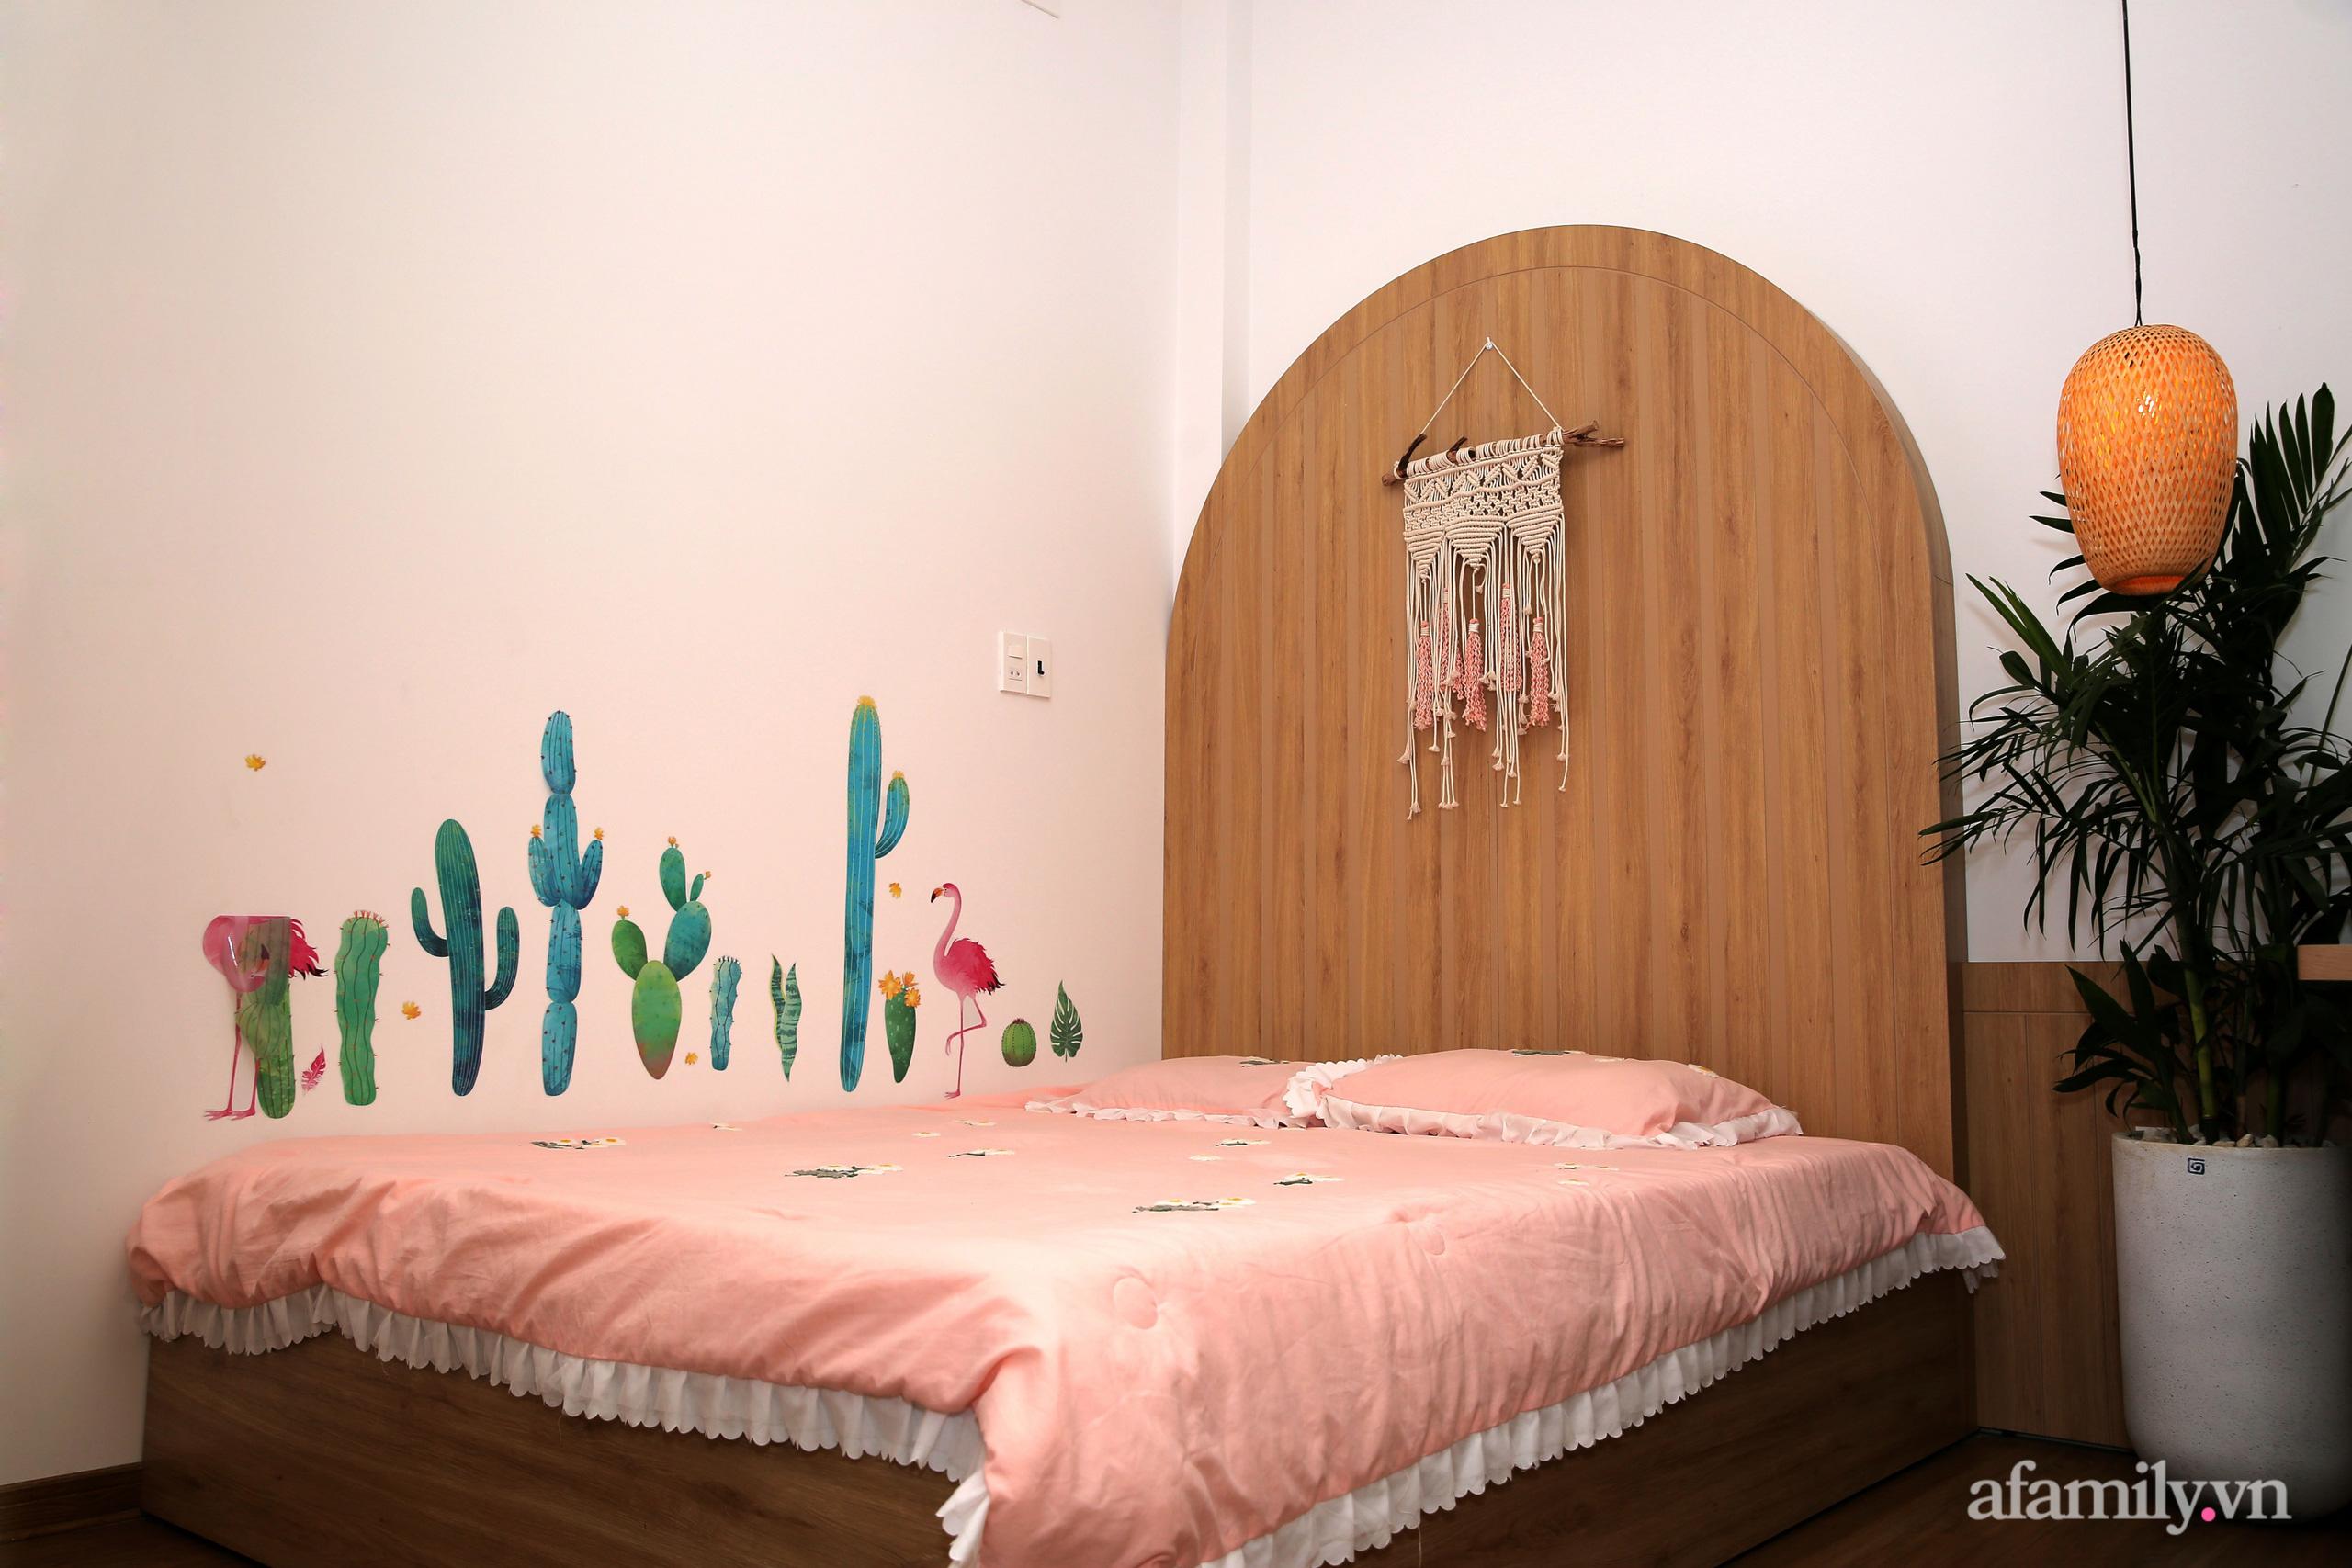 Chồng xây tặng vợ con ngôi nhà ấm cúng với sắc trắng vàng cùng cây xanh và ánh sáng ngập tràn ở Đà Nẵng sau 10 năm ở trọ - Ảnh 15.